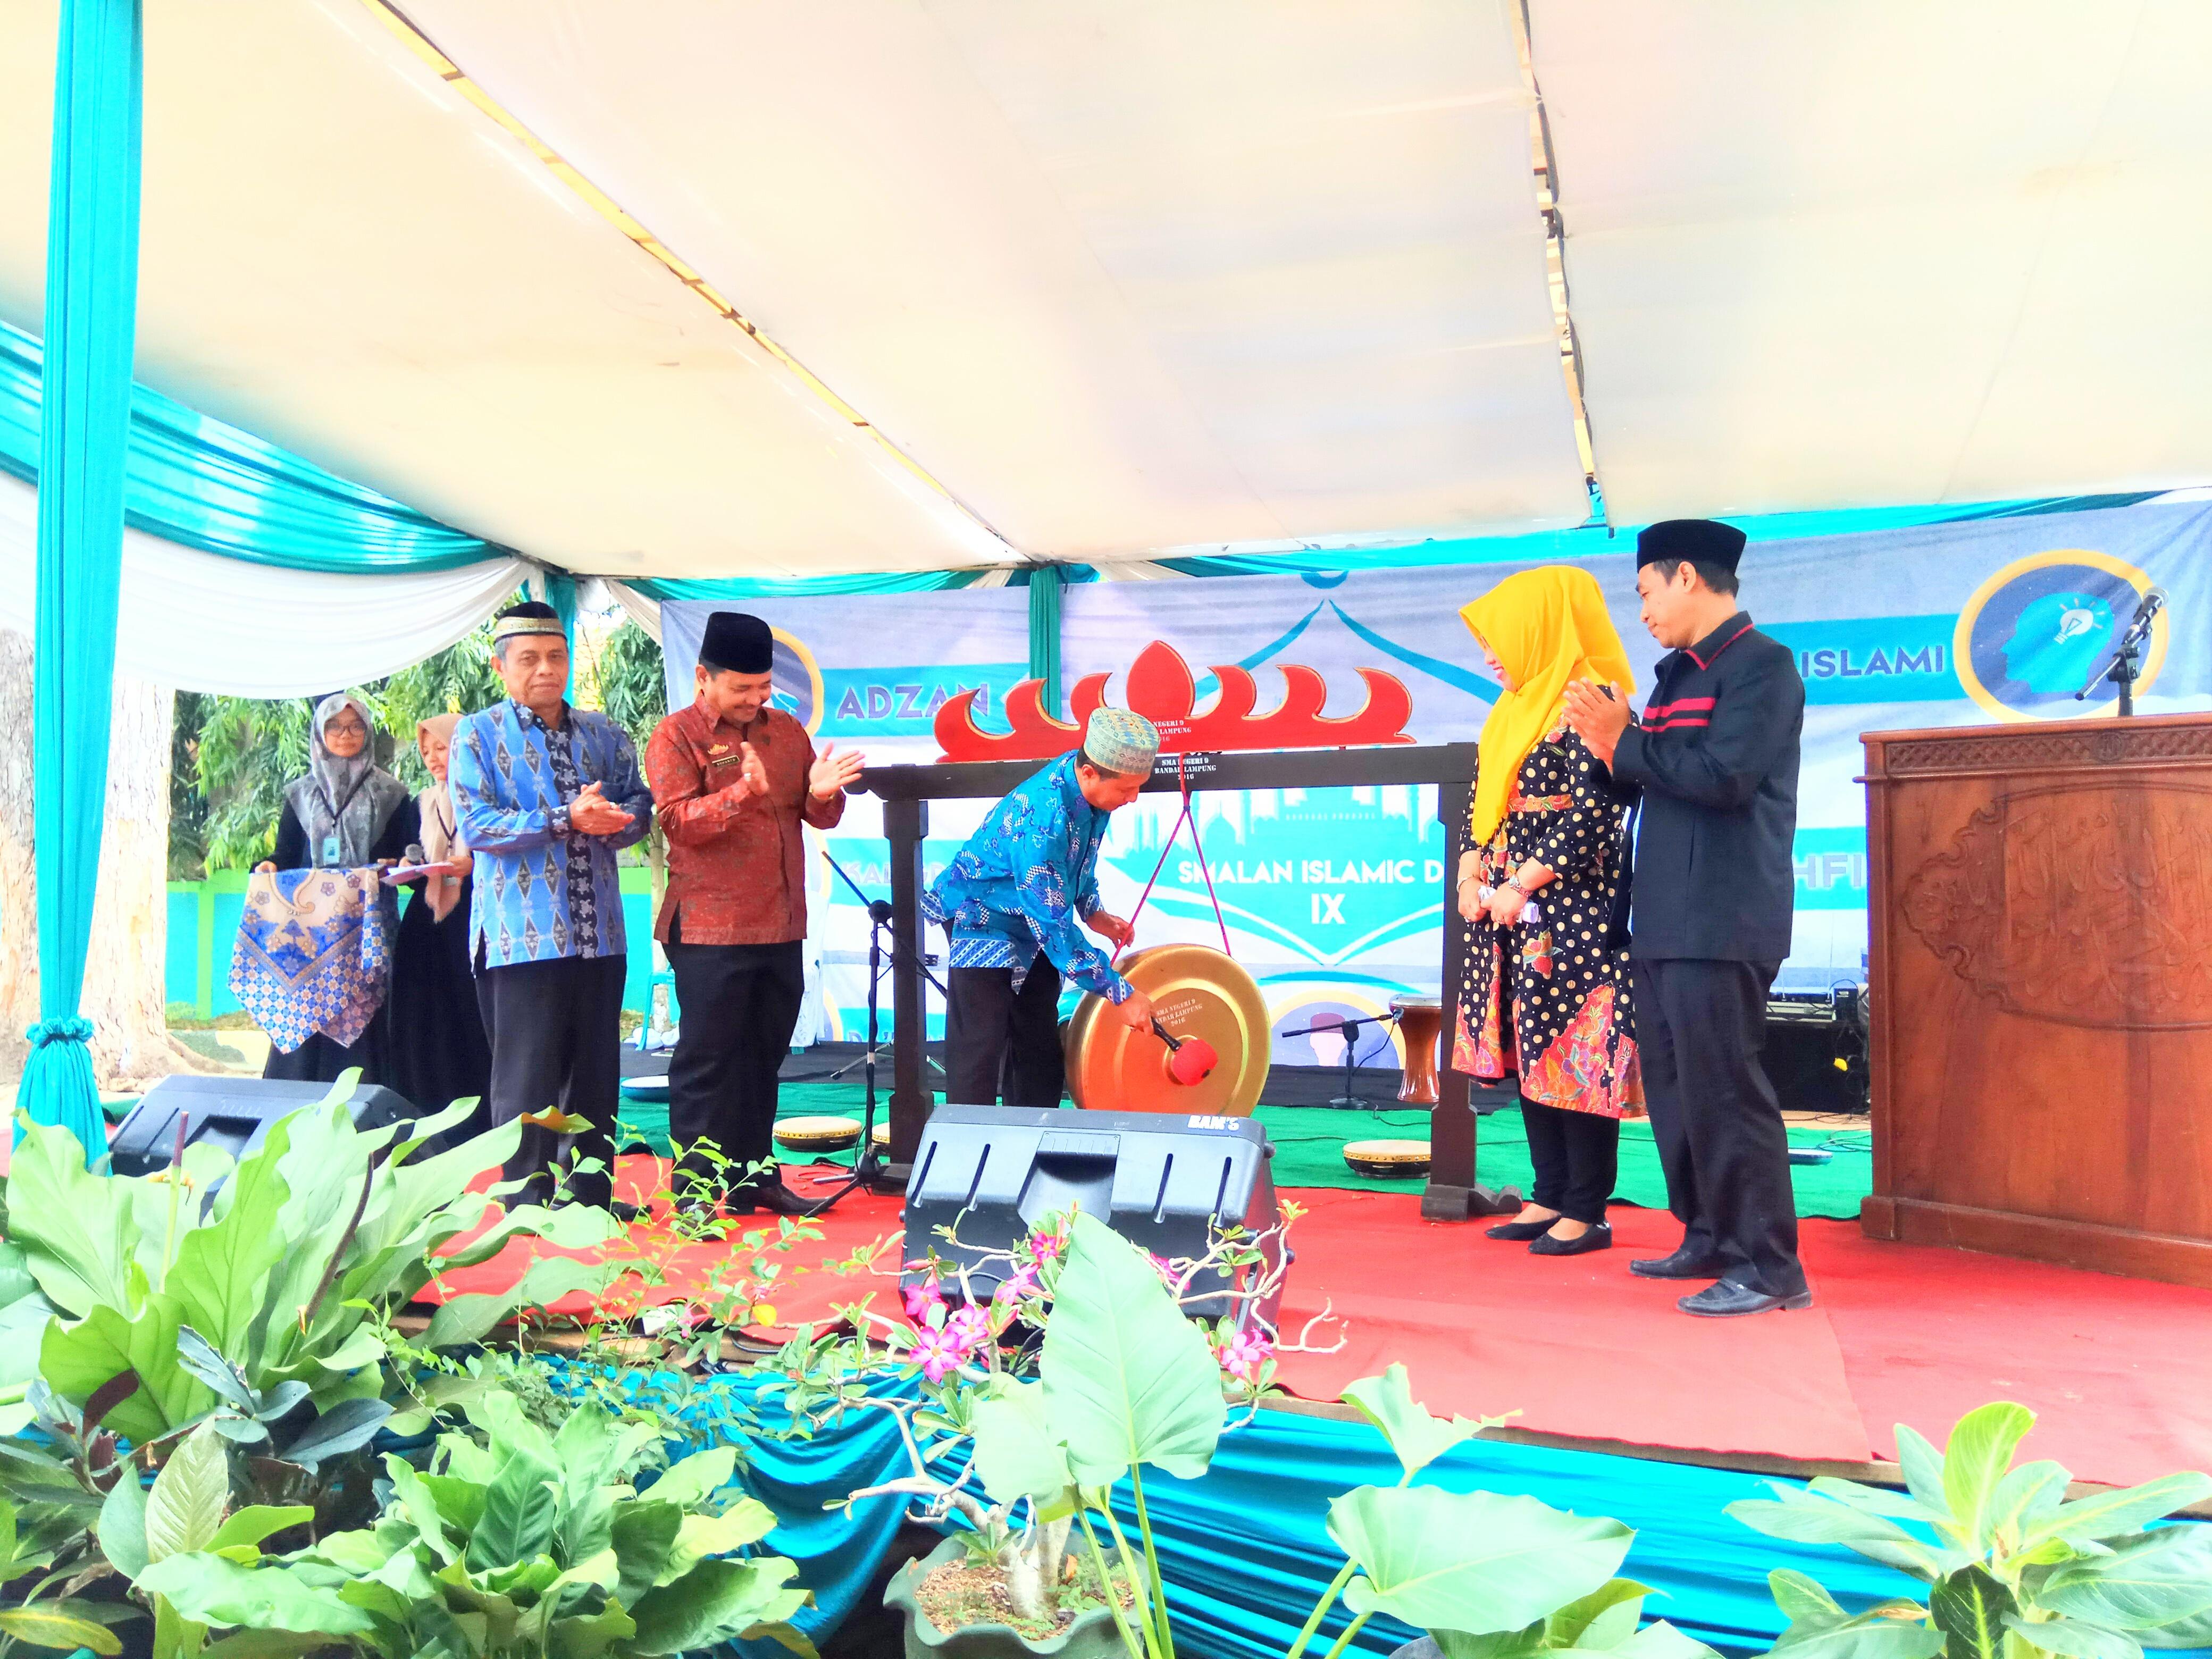 Ratusan Siswa SMP/SMA/SMK Ikuti Smalan Islamic Day IX